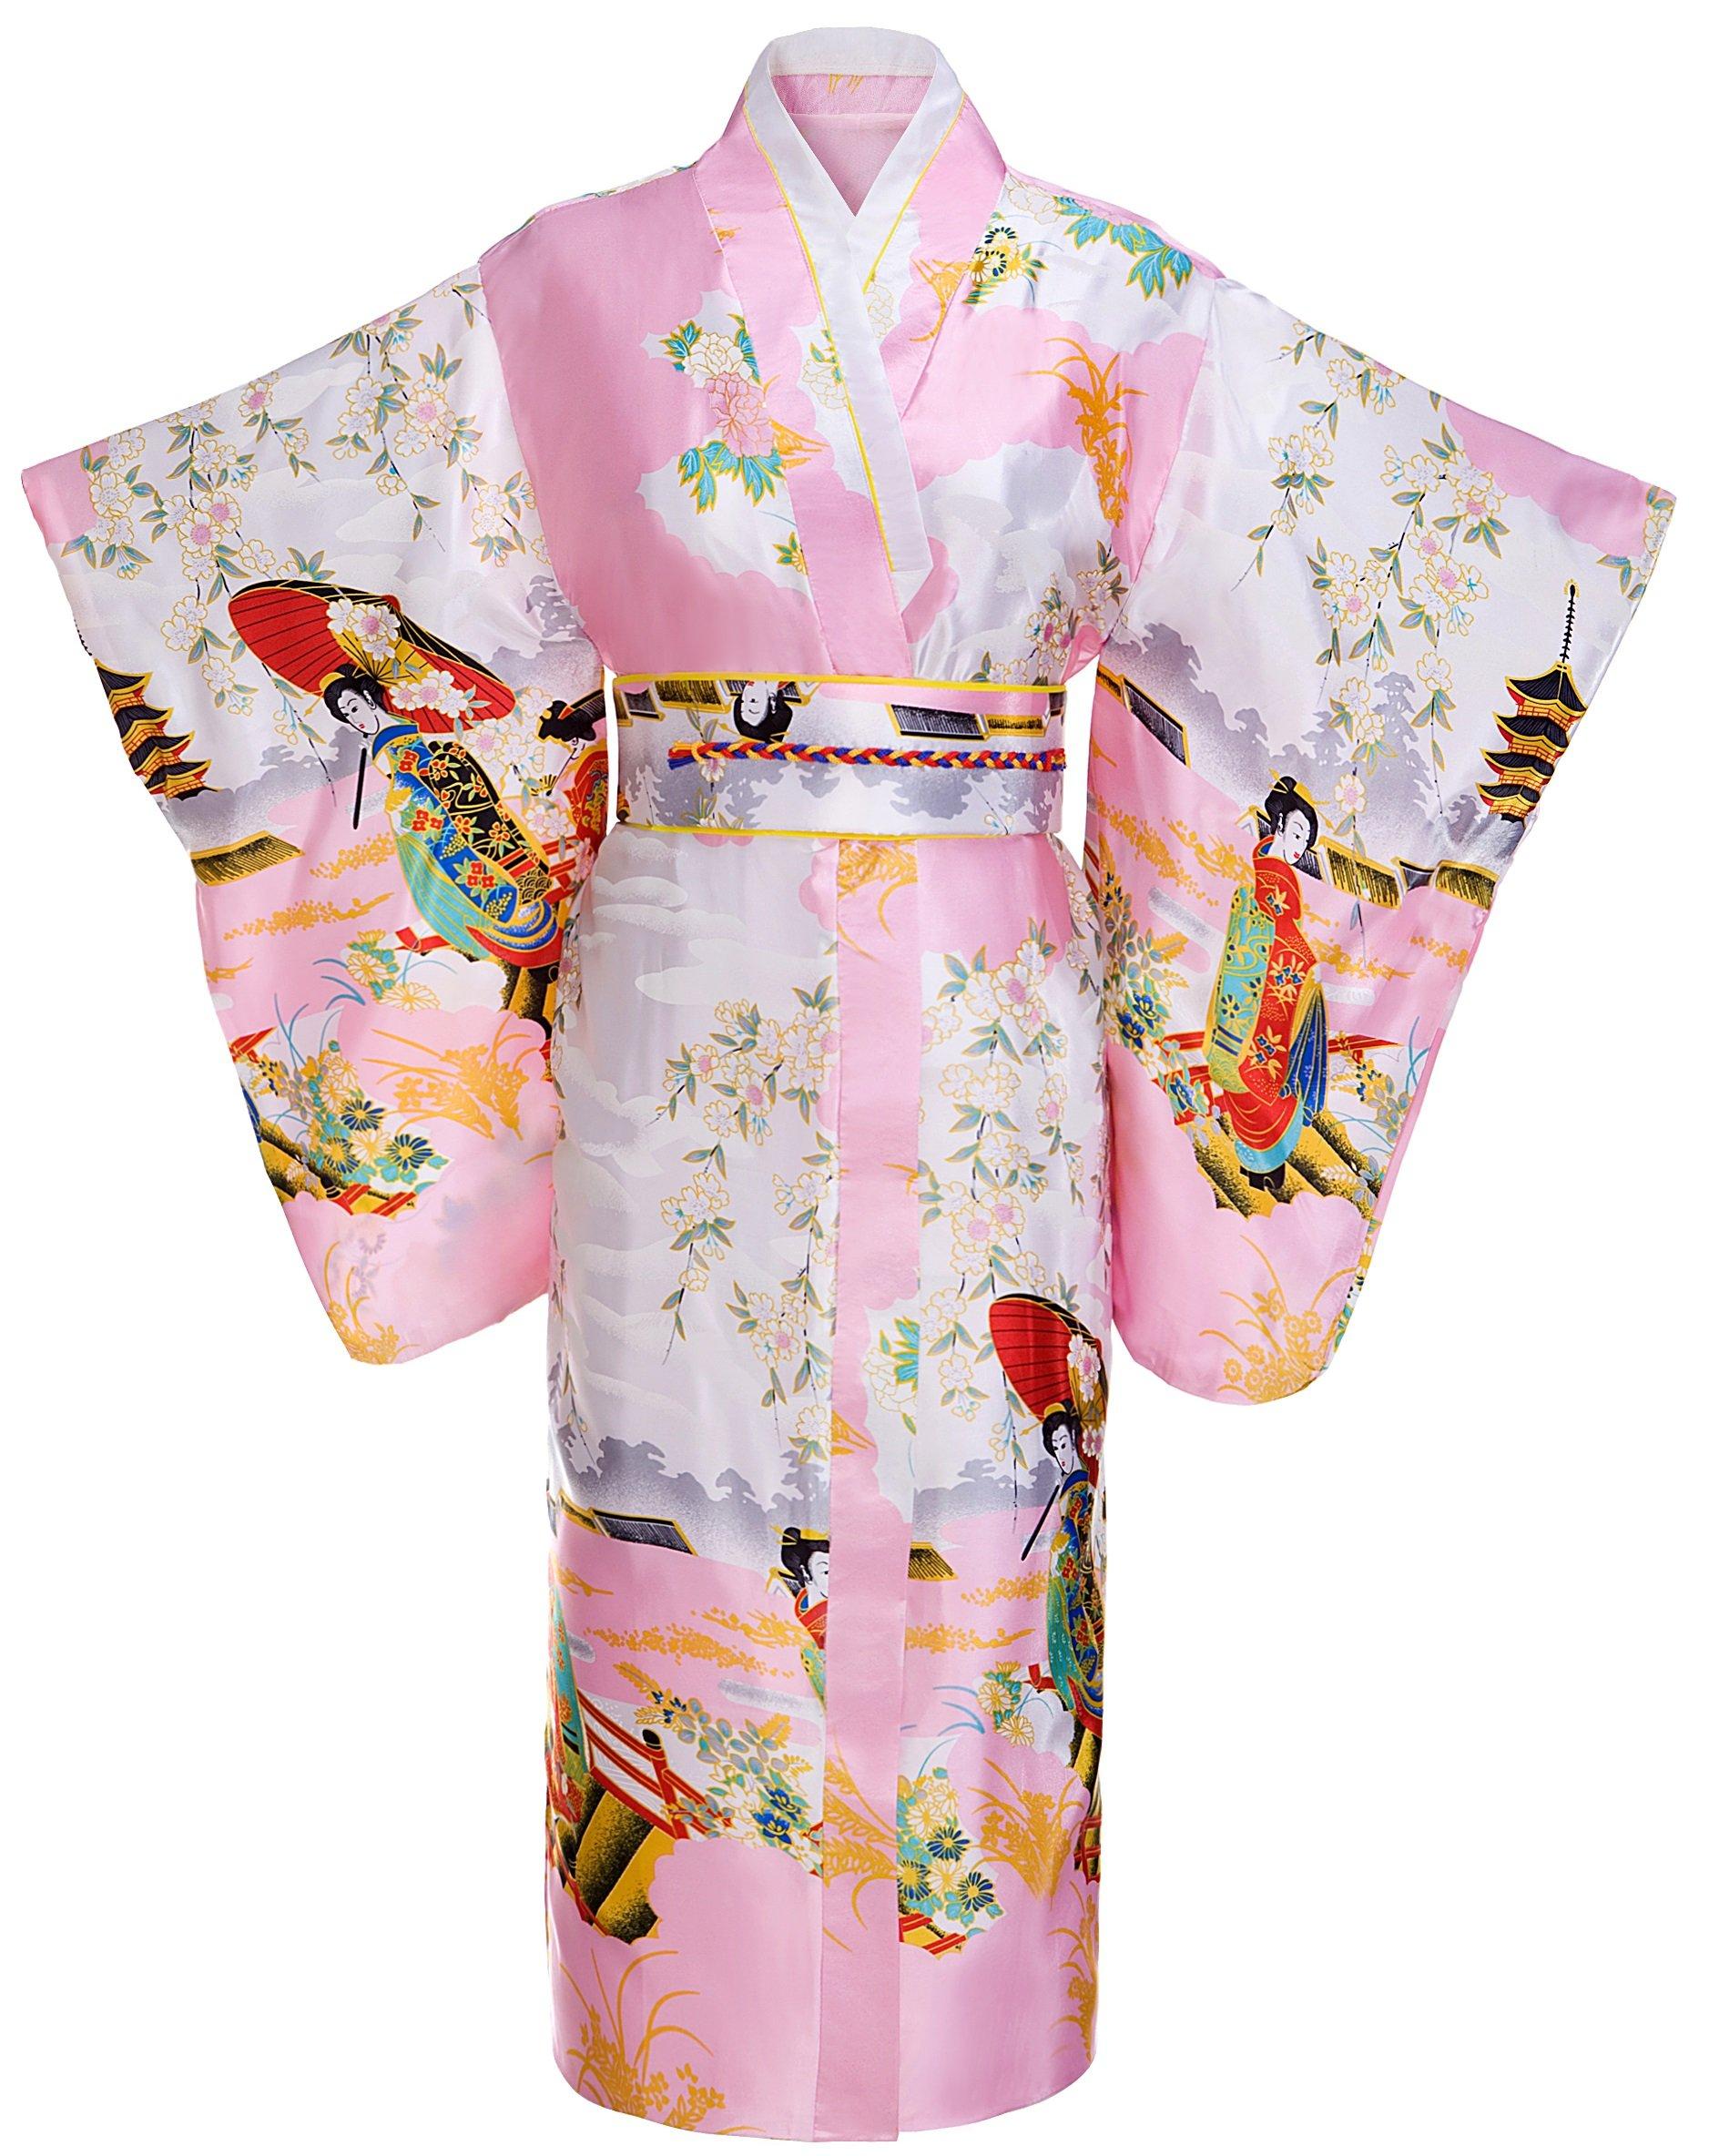 FADSHOW Women's Gorgeous Japanese Traditional Satin Kimono Robes/Nightgown Long